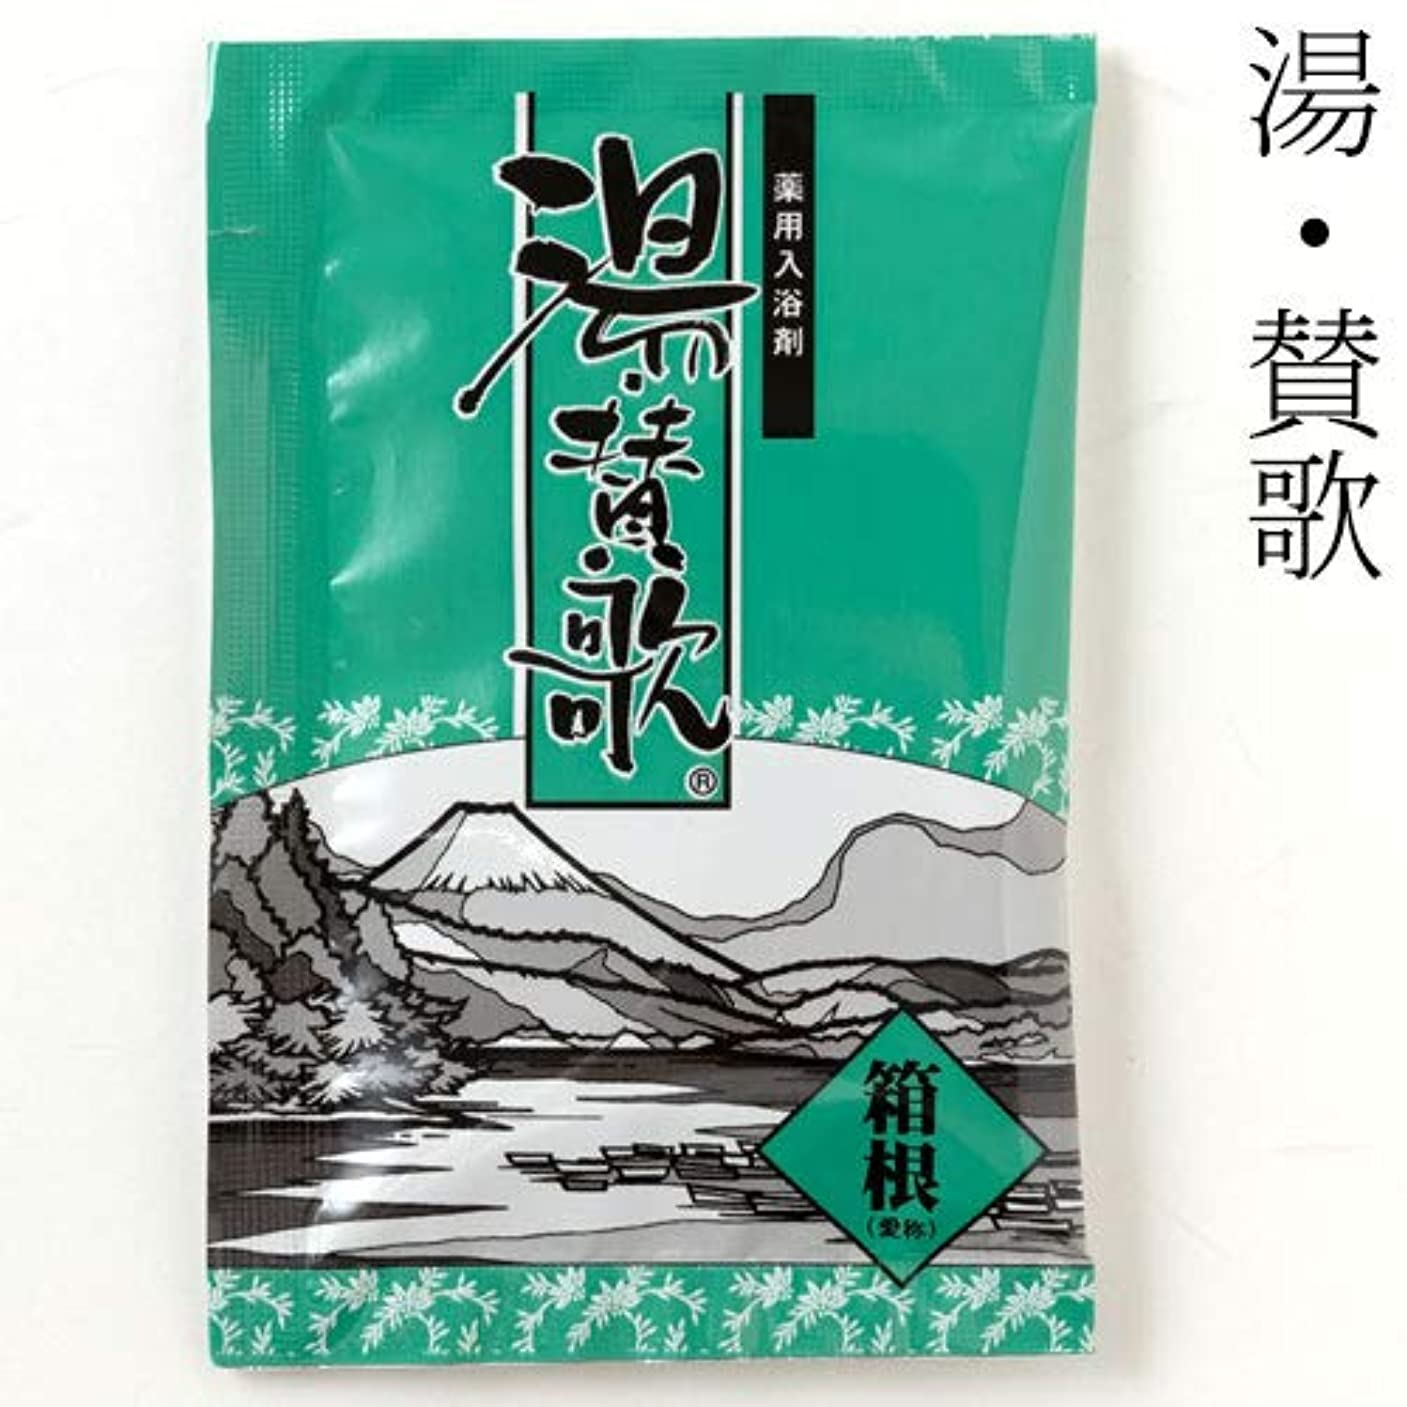 慣性許容ジュース入浴剤湯?賛歌箱根1包石川県のお風呂グッズBath additive, Ishikawa craft